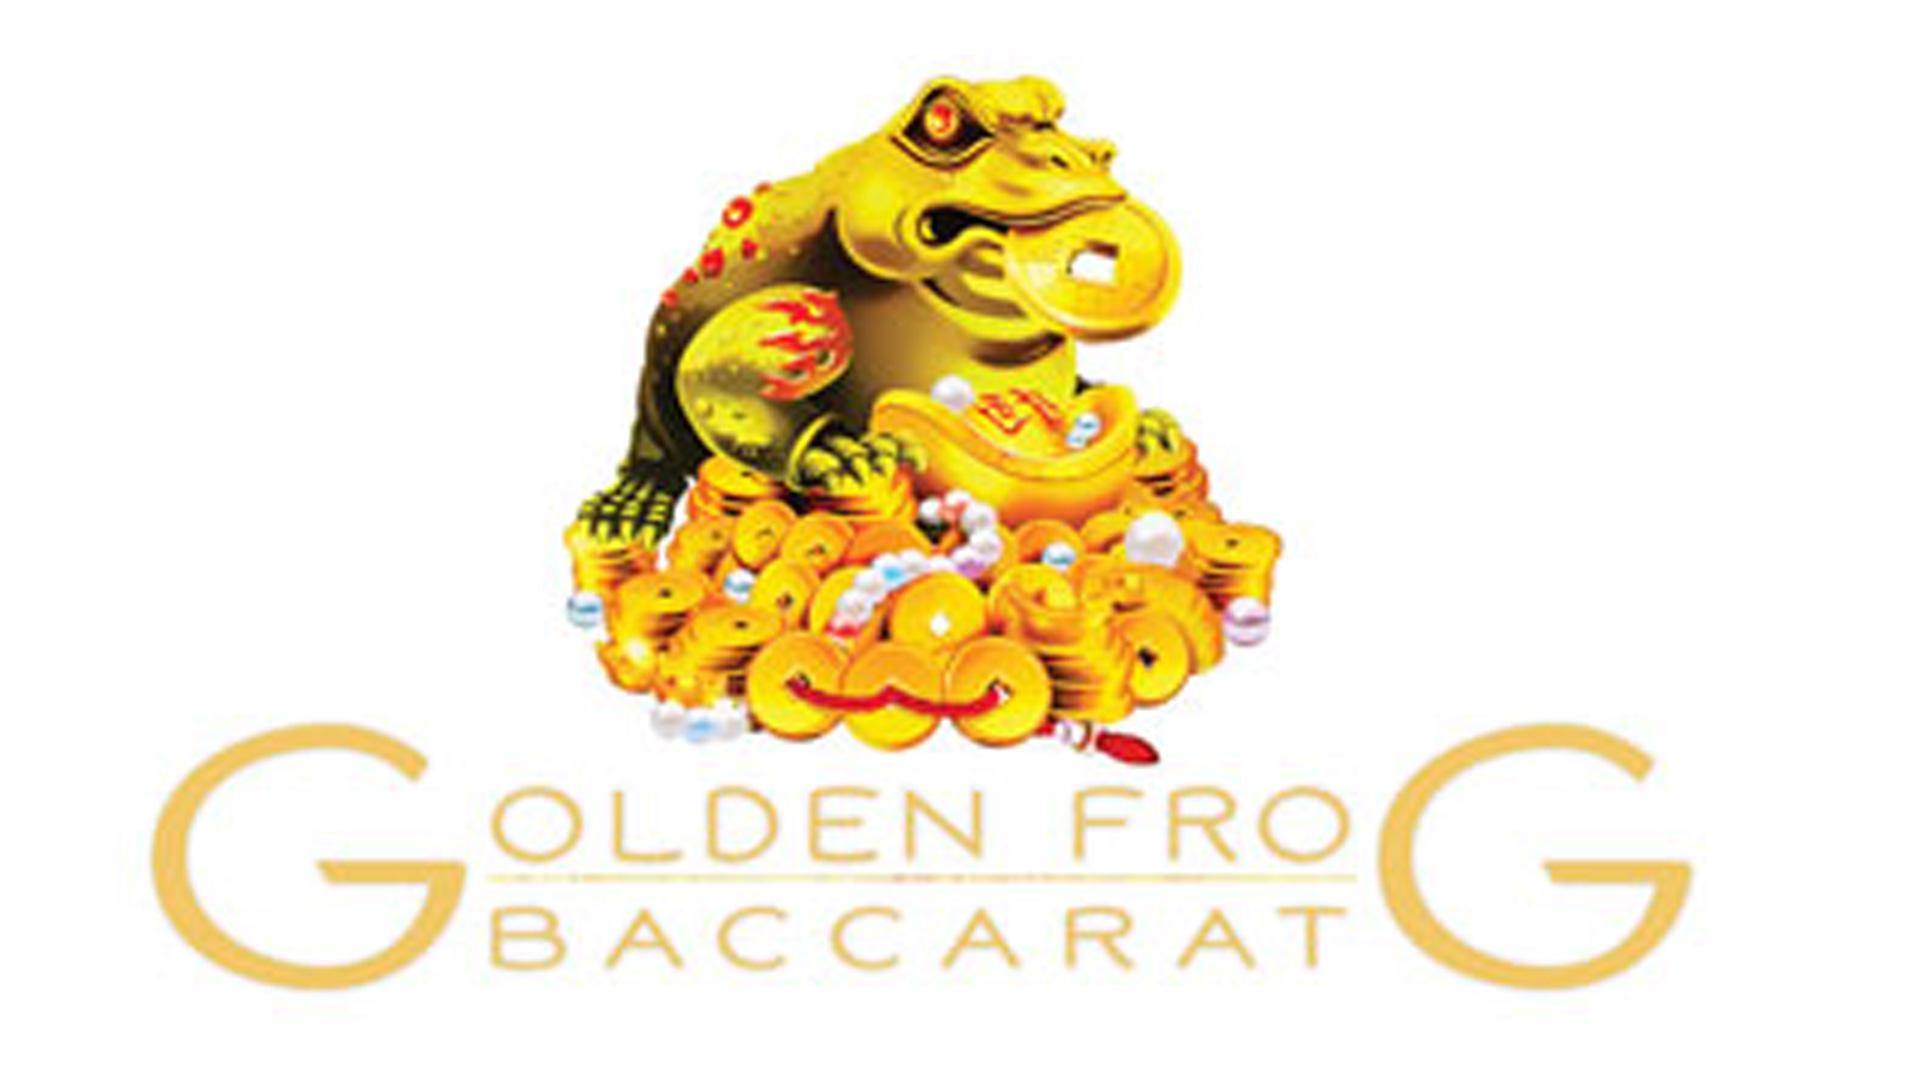 Golden Frog logo